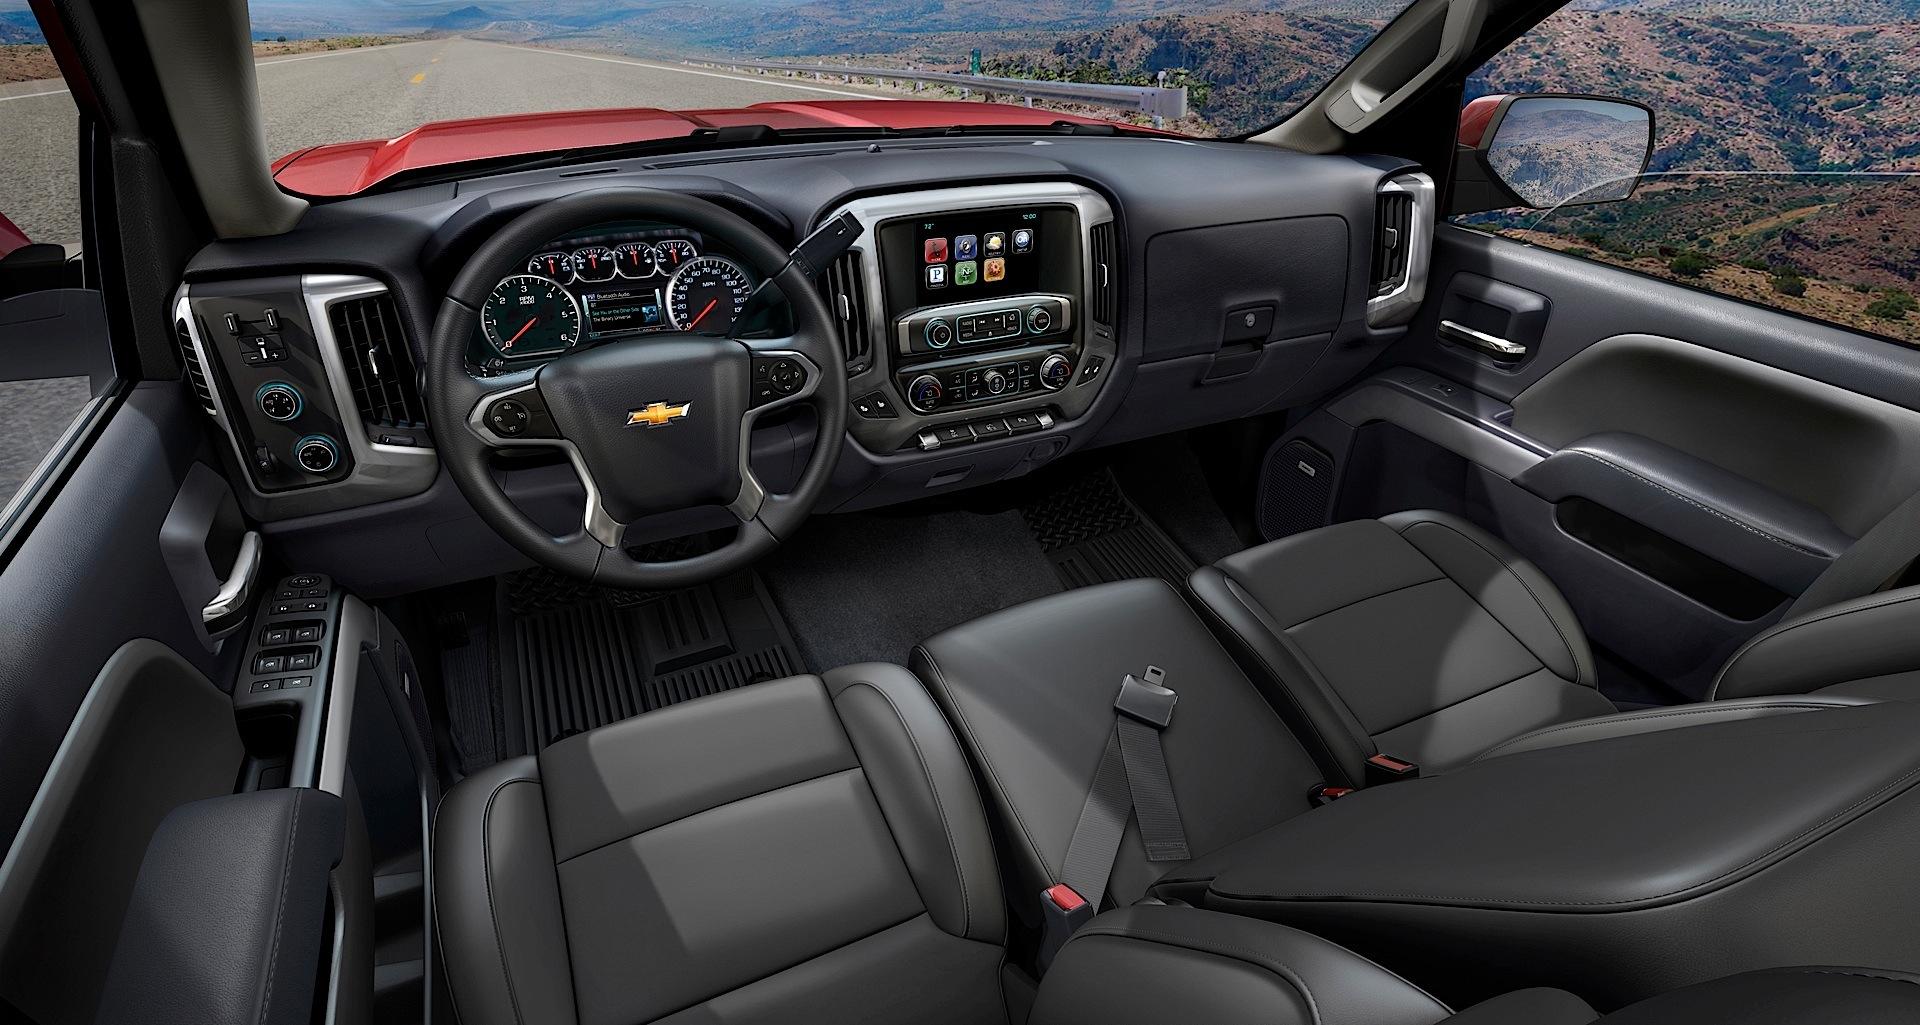 Chevrolet Silverado 1500 Crew Cab Specs Amp Photos 2013